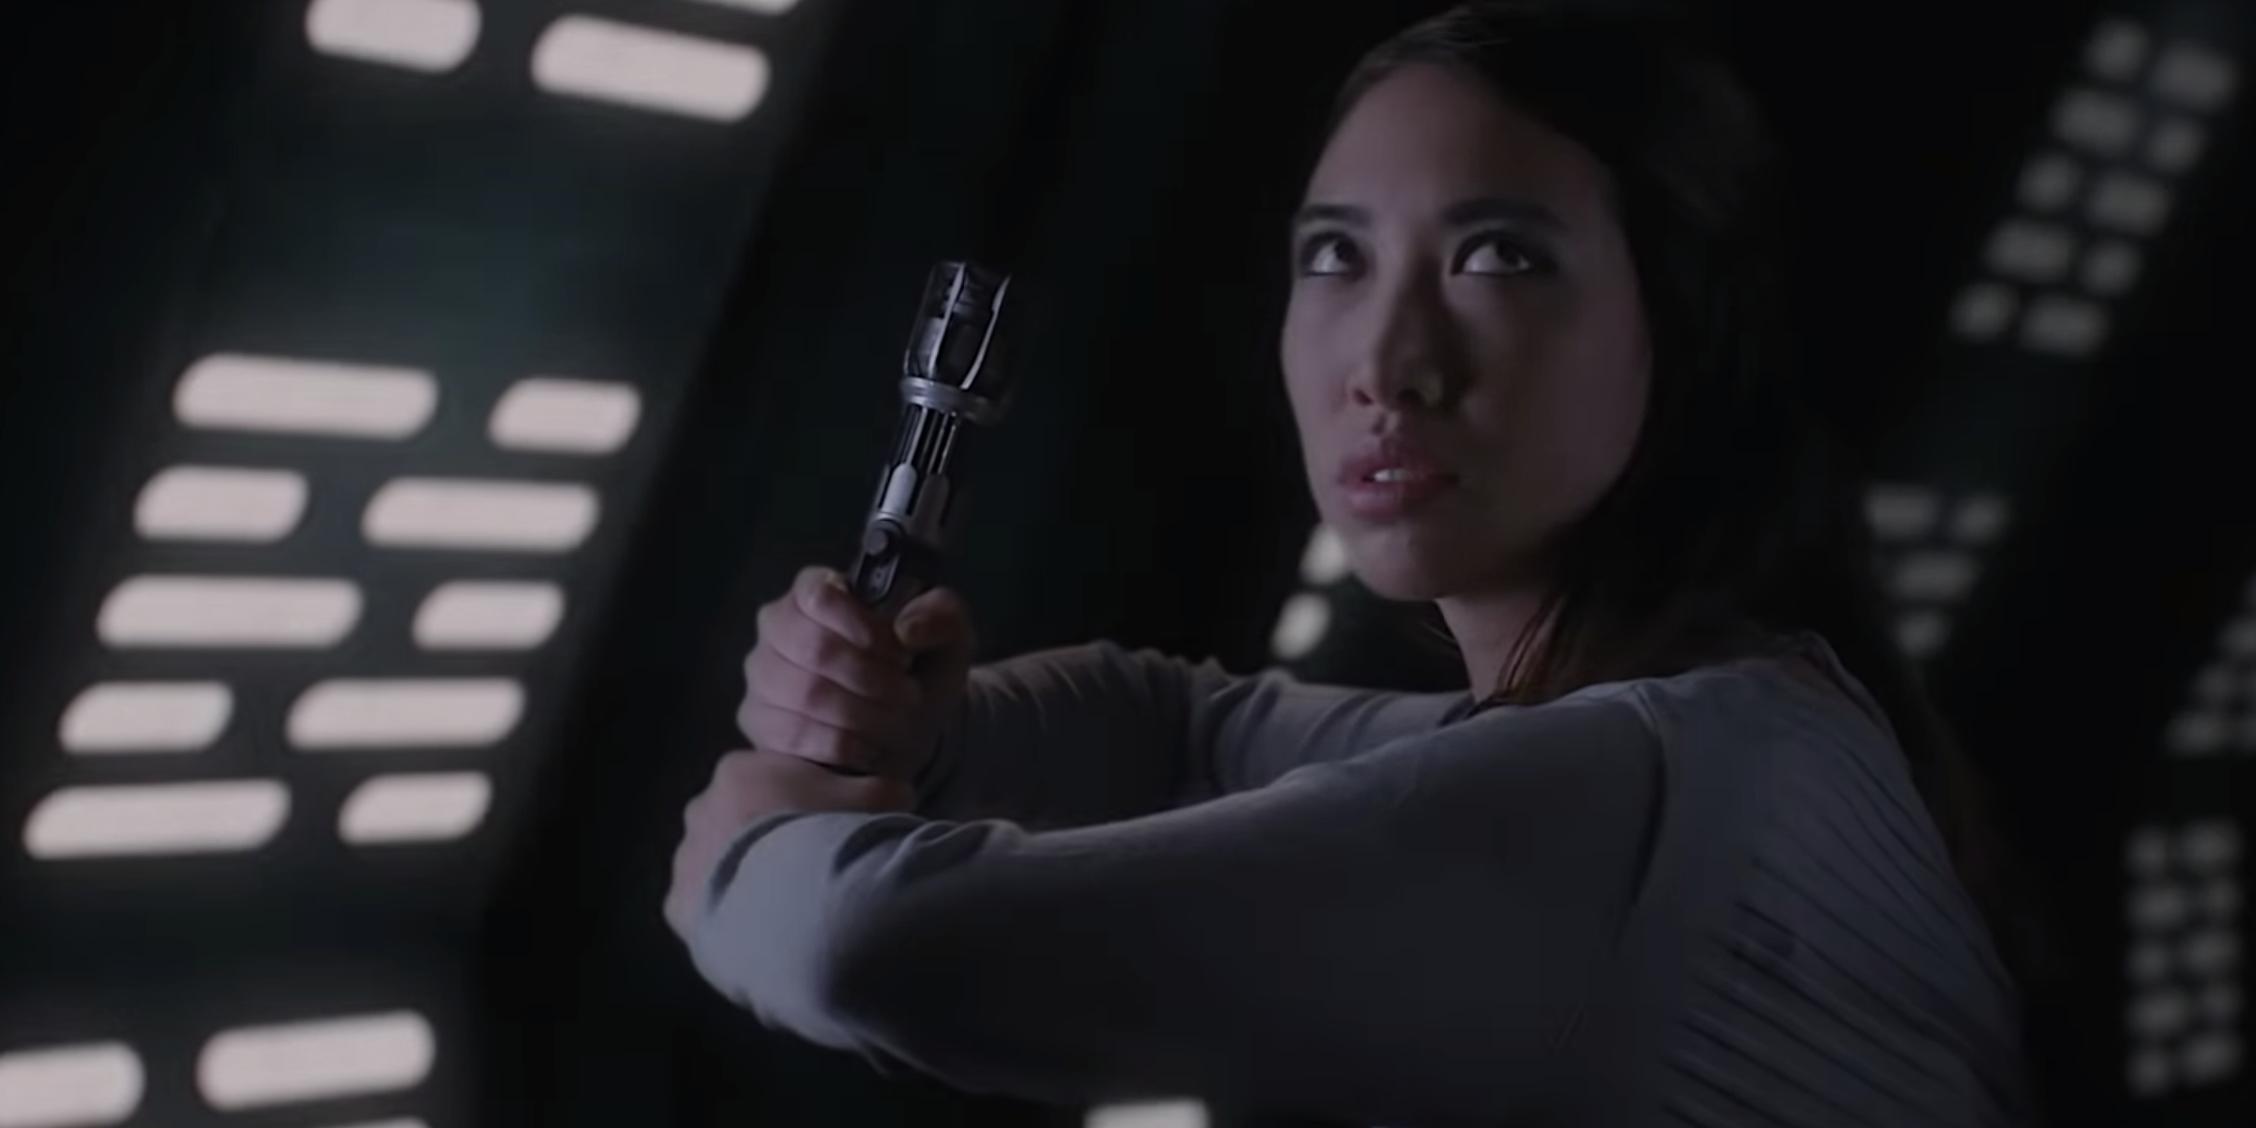 Vader Immortal: Star Wars VR Series